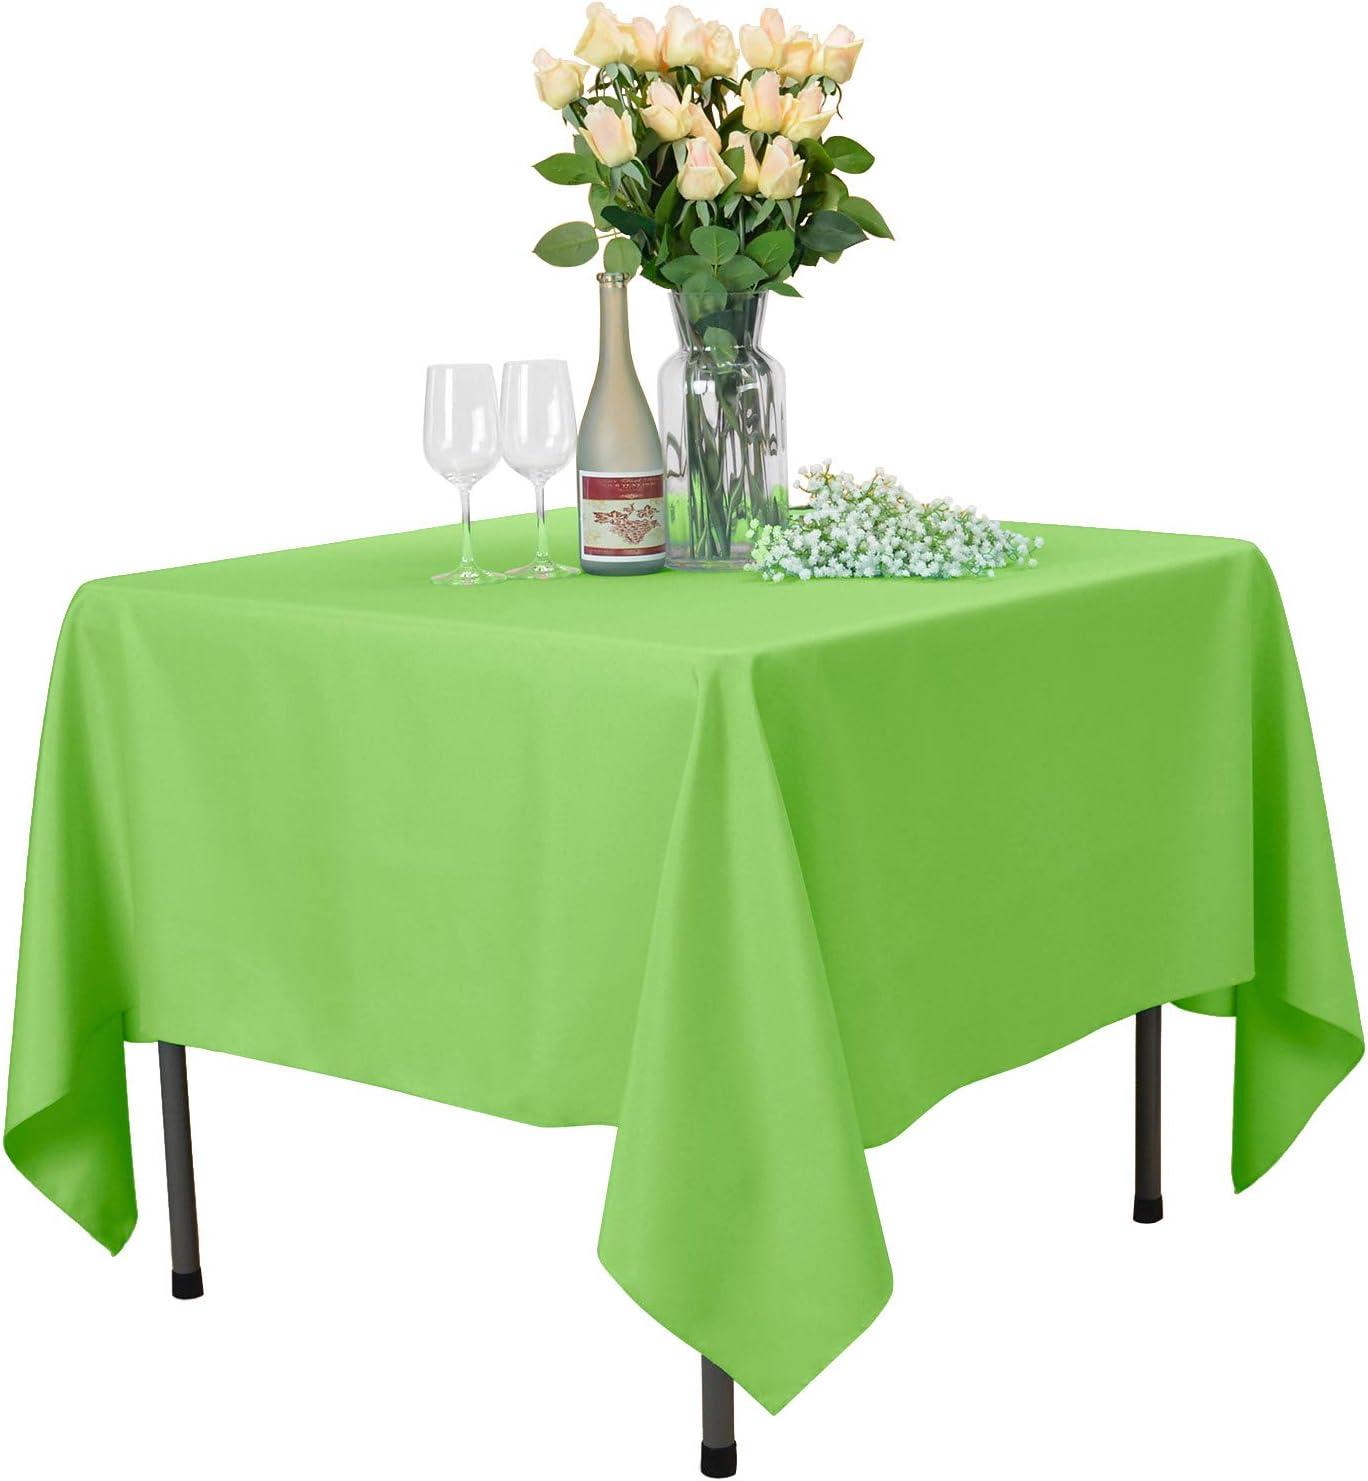 Nappe D/îner pour Le Mariage F/ête Restaurant Caf/é VEEYOO Nappe Carr/ée Nappe de Table 100/% Polyester pour Table Int/érieure et Ext/érieure Bleu Royal, 135x135 cm